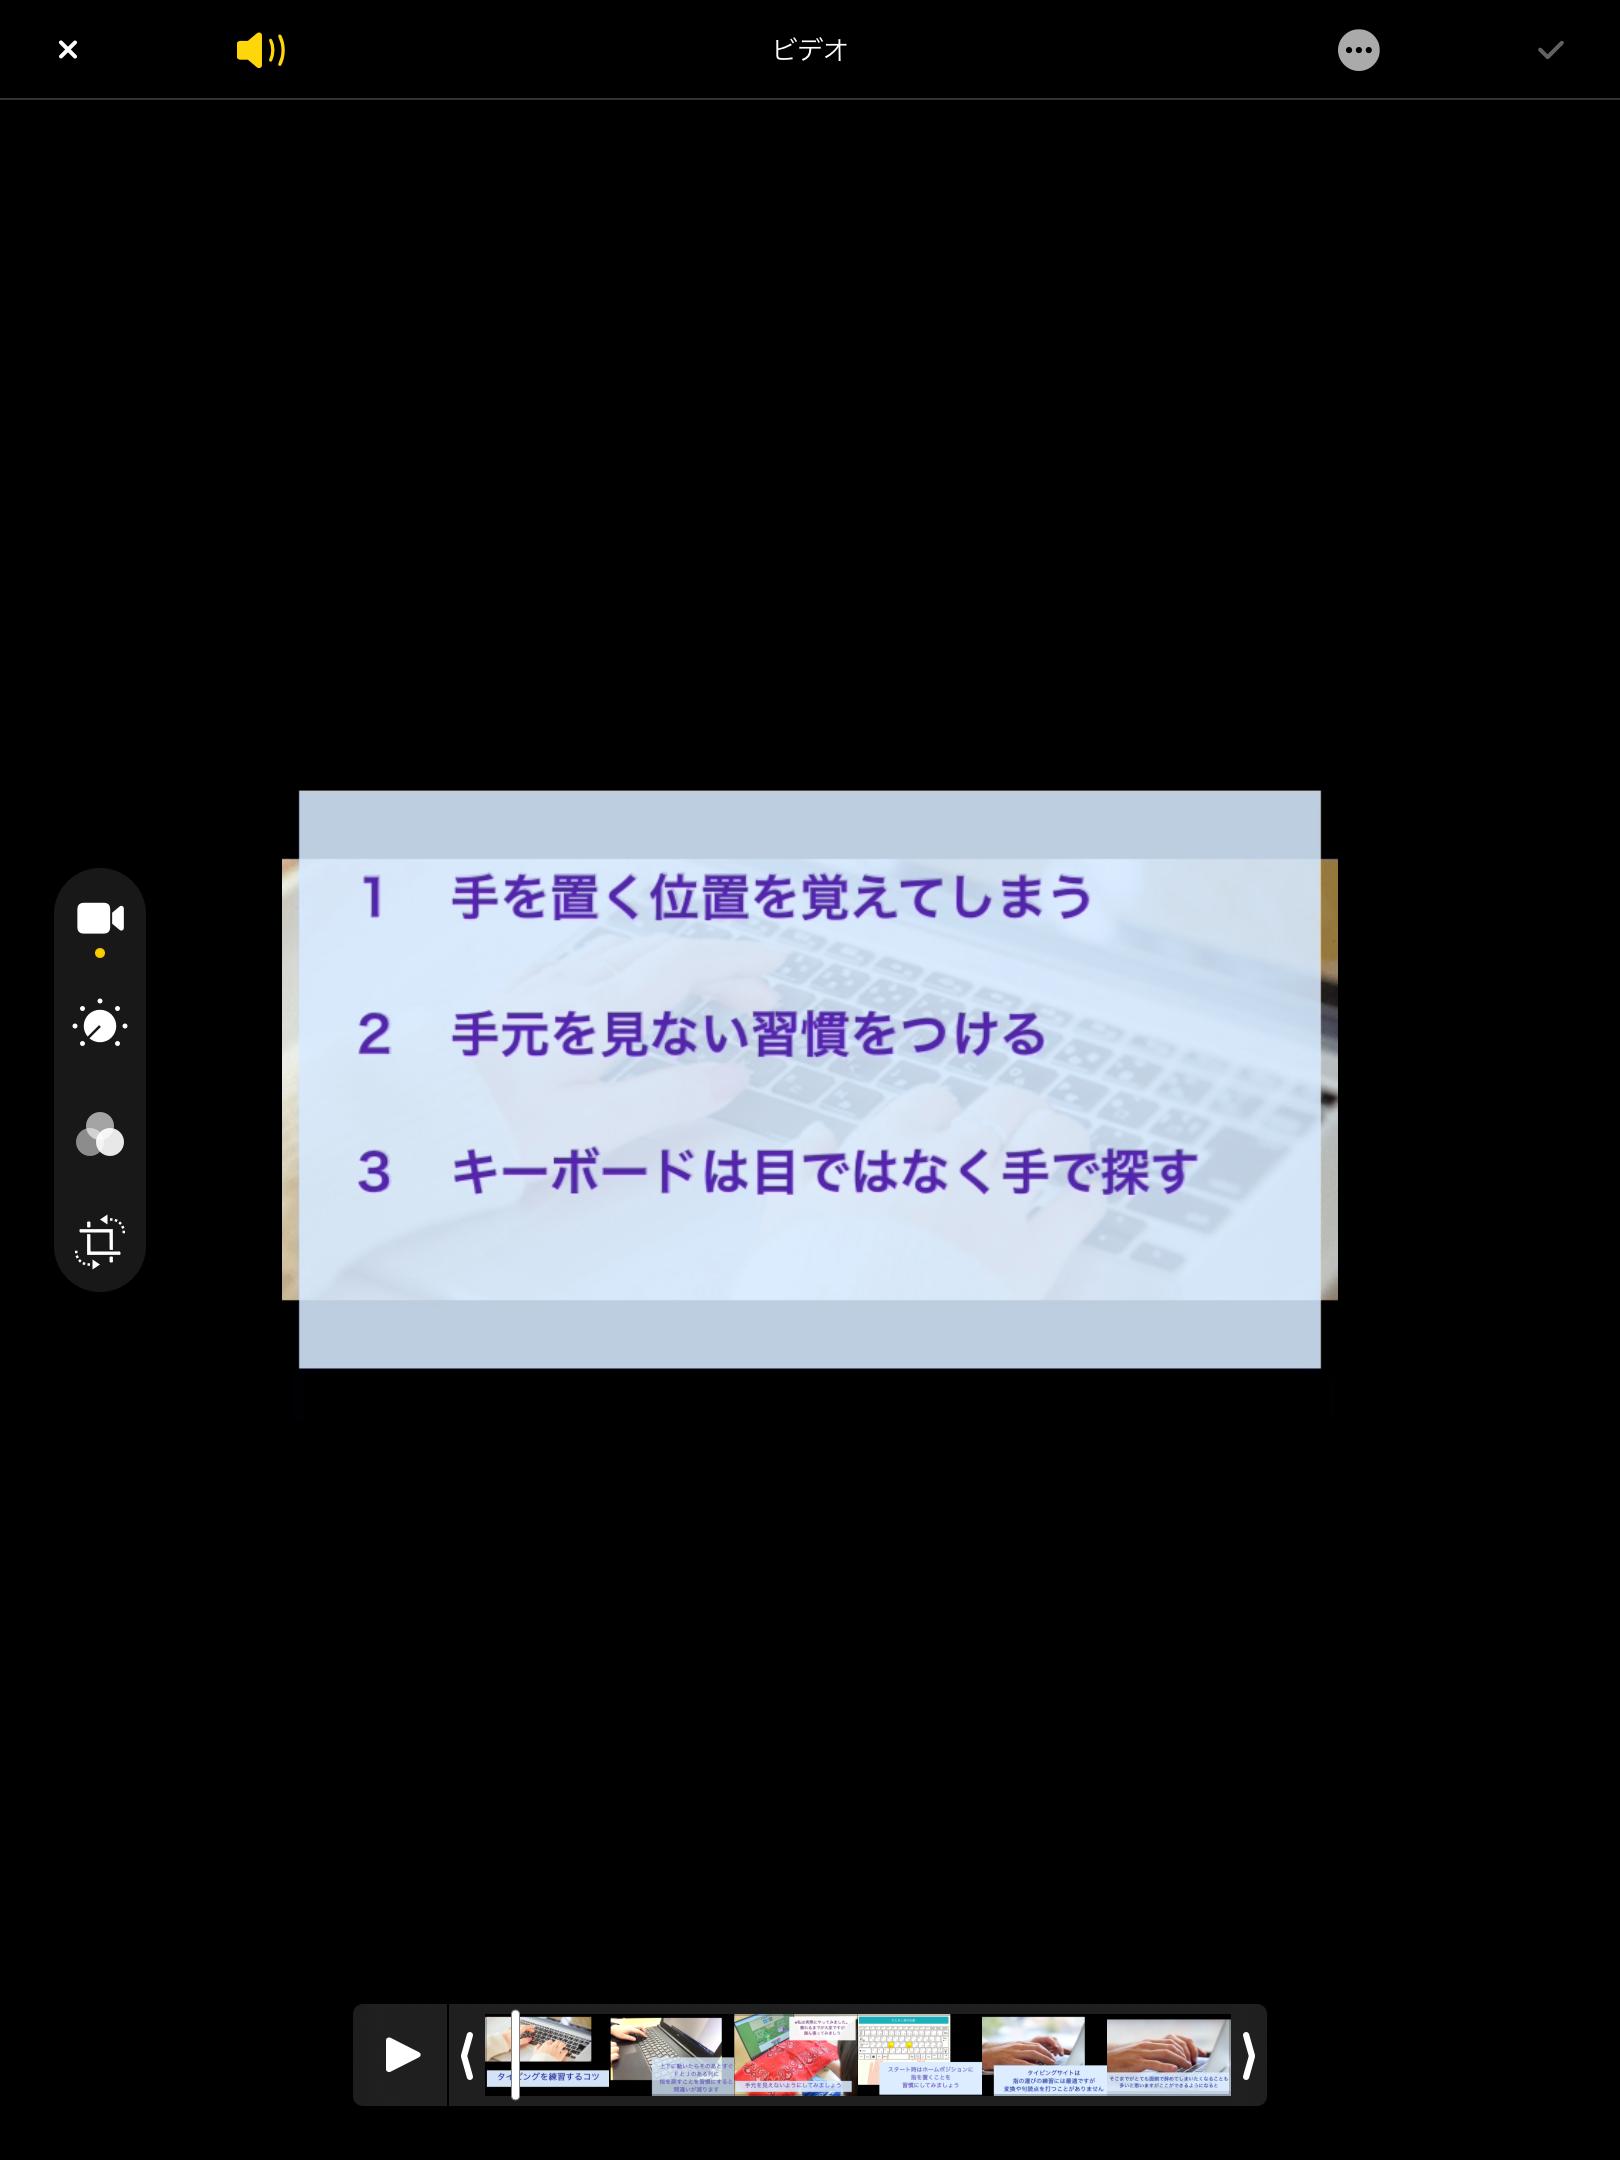 タイピング 札幌 就労移行支援事業所